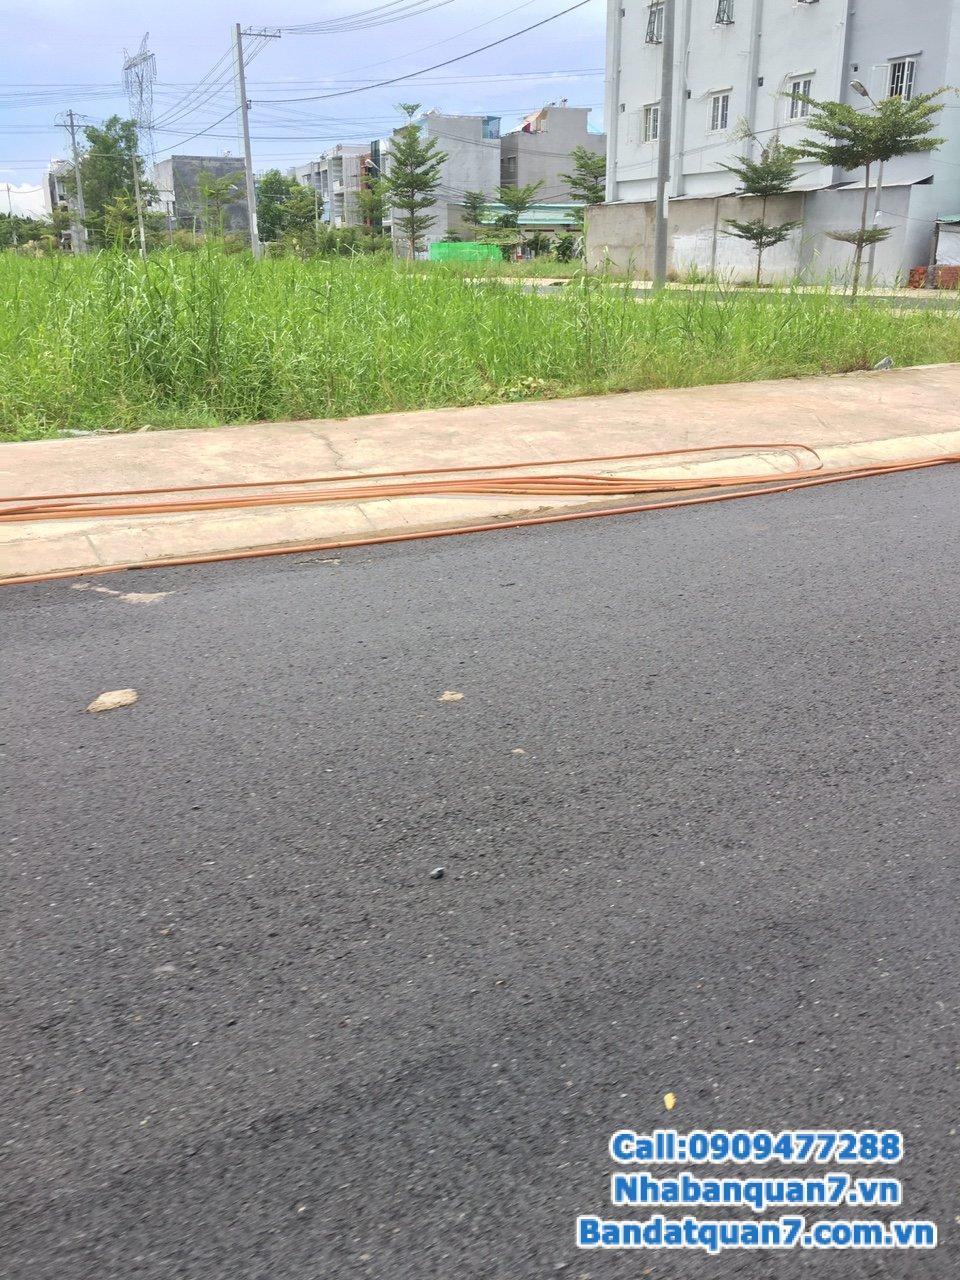 Bán lô đất Khu Dân Cư Nam Long phường phú thuận q7